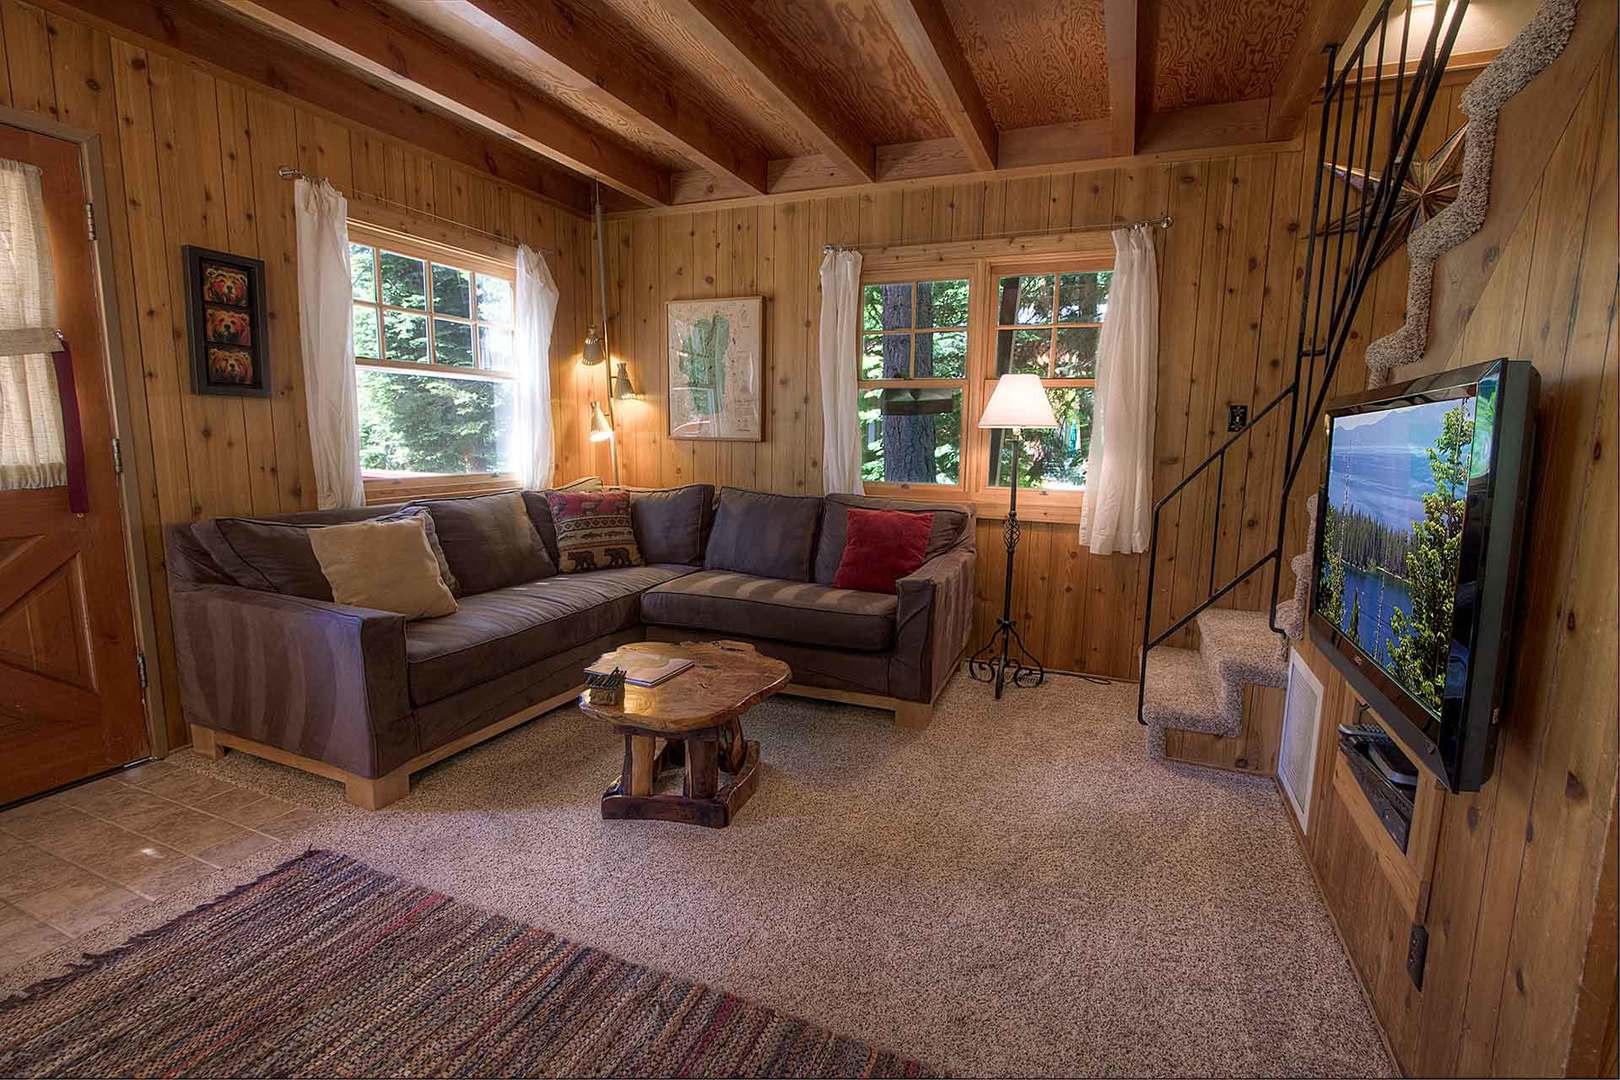 nsh0847 living room